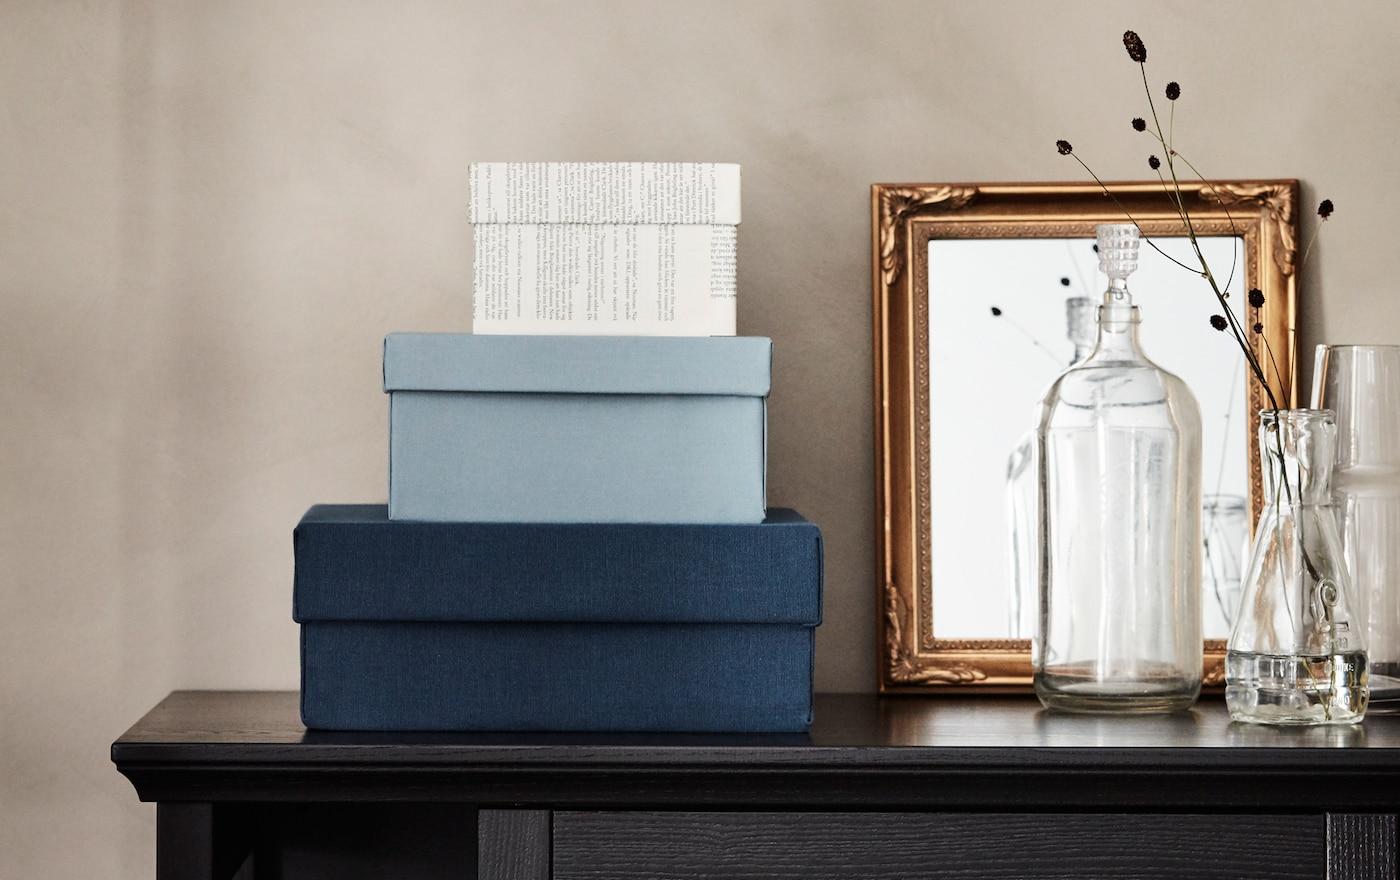 Gamle skobokse er forvandlet til nye opbevaringskasser beklædt med tekstiler og sider fra en gammel bog